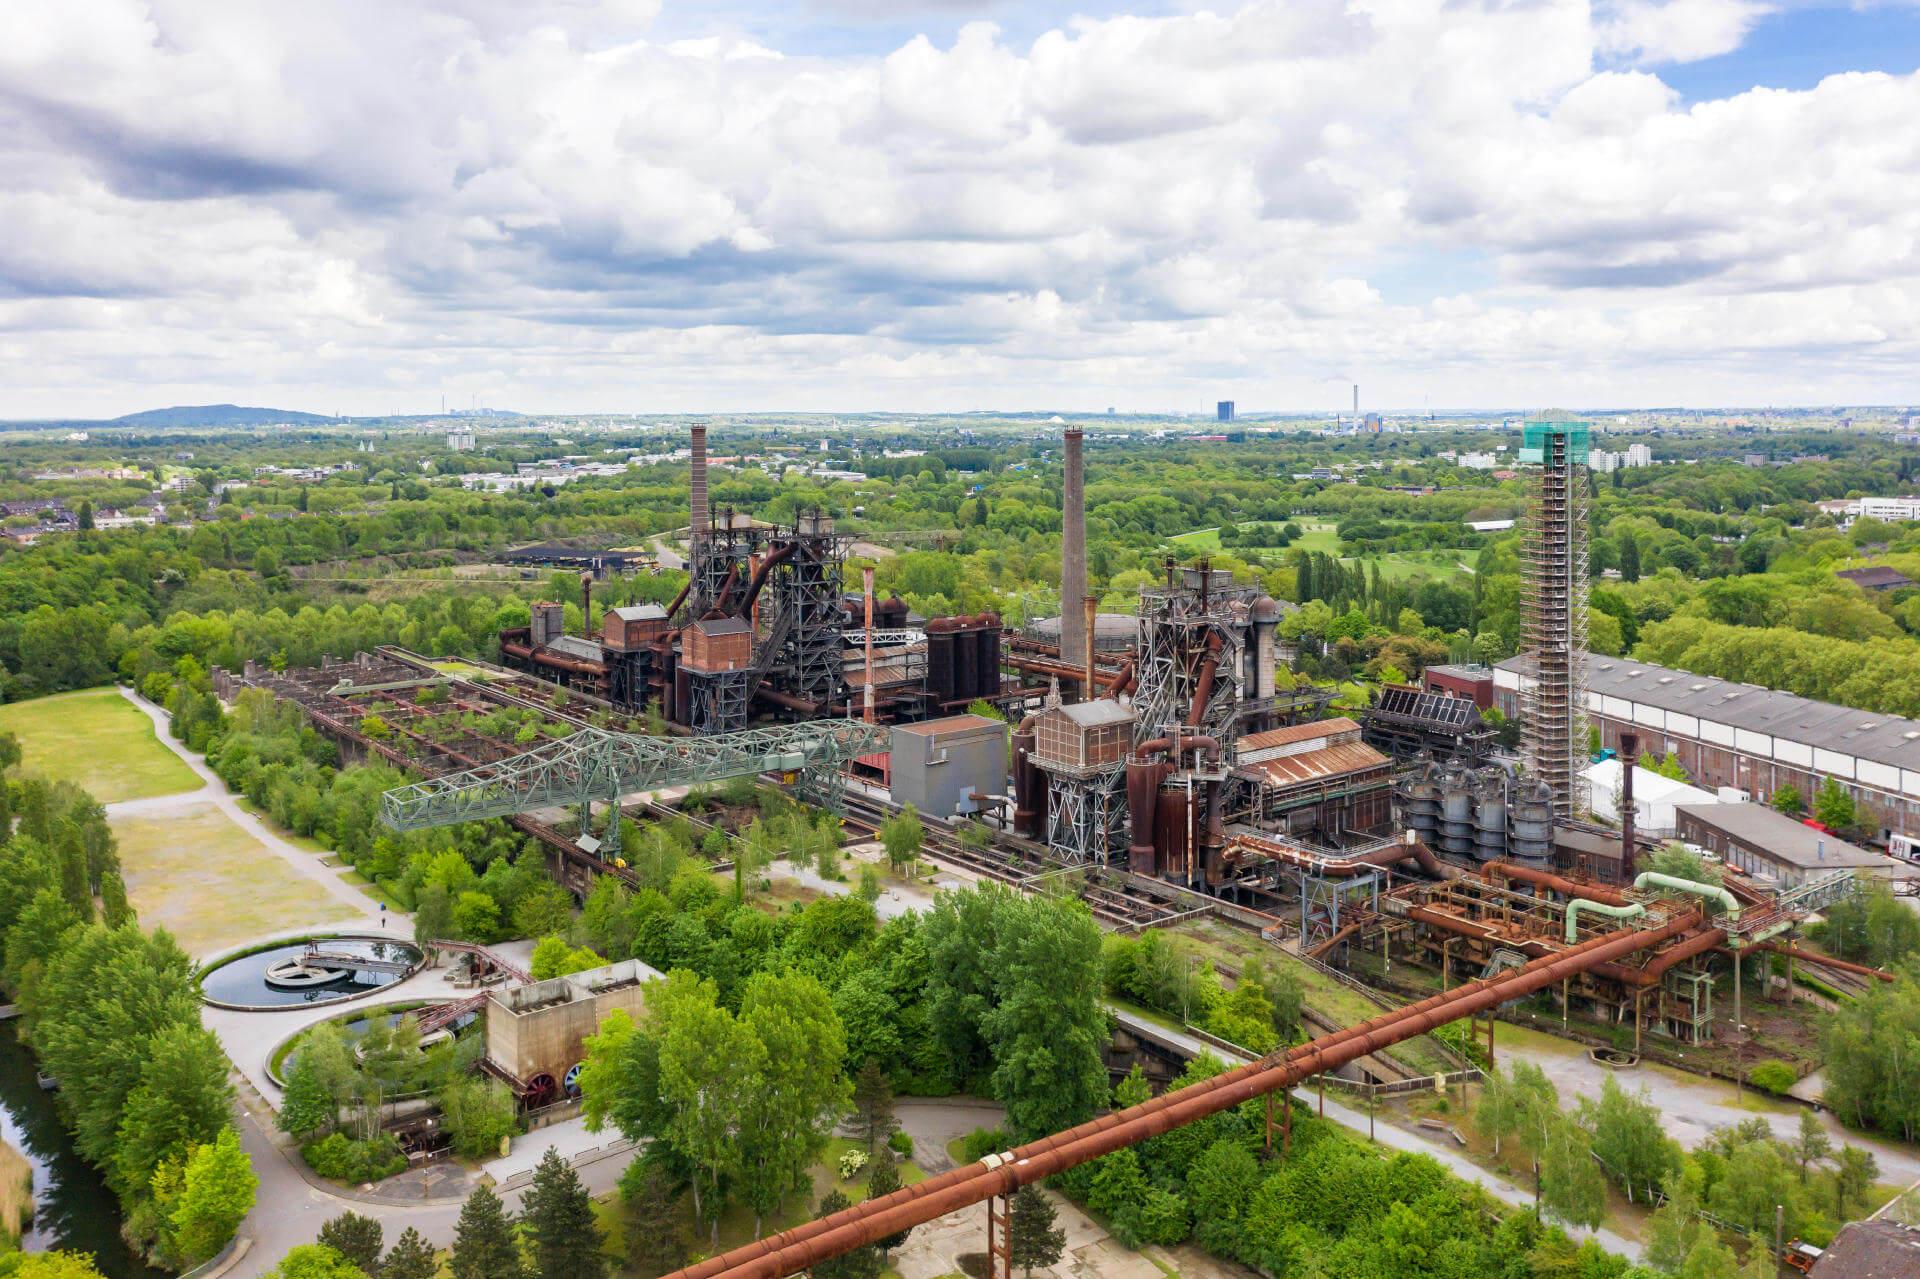 Typische Ruhrpott-Landschaft mit Kohlekraftwerk